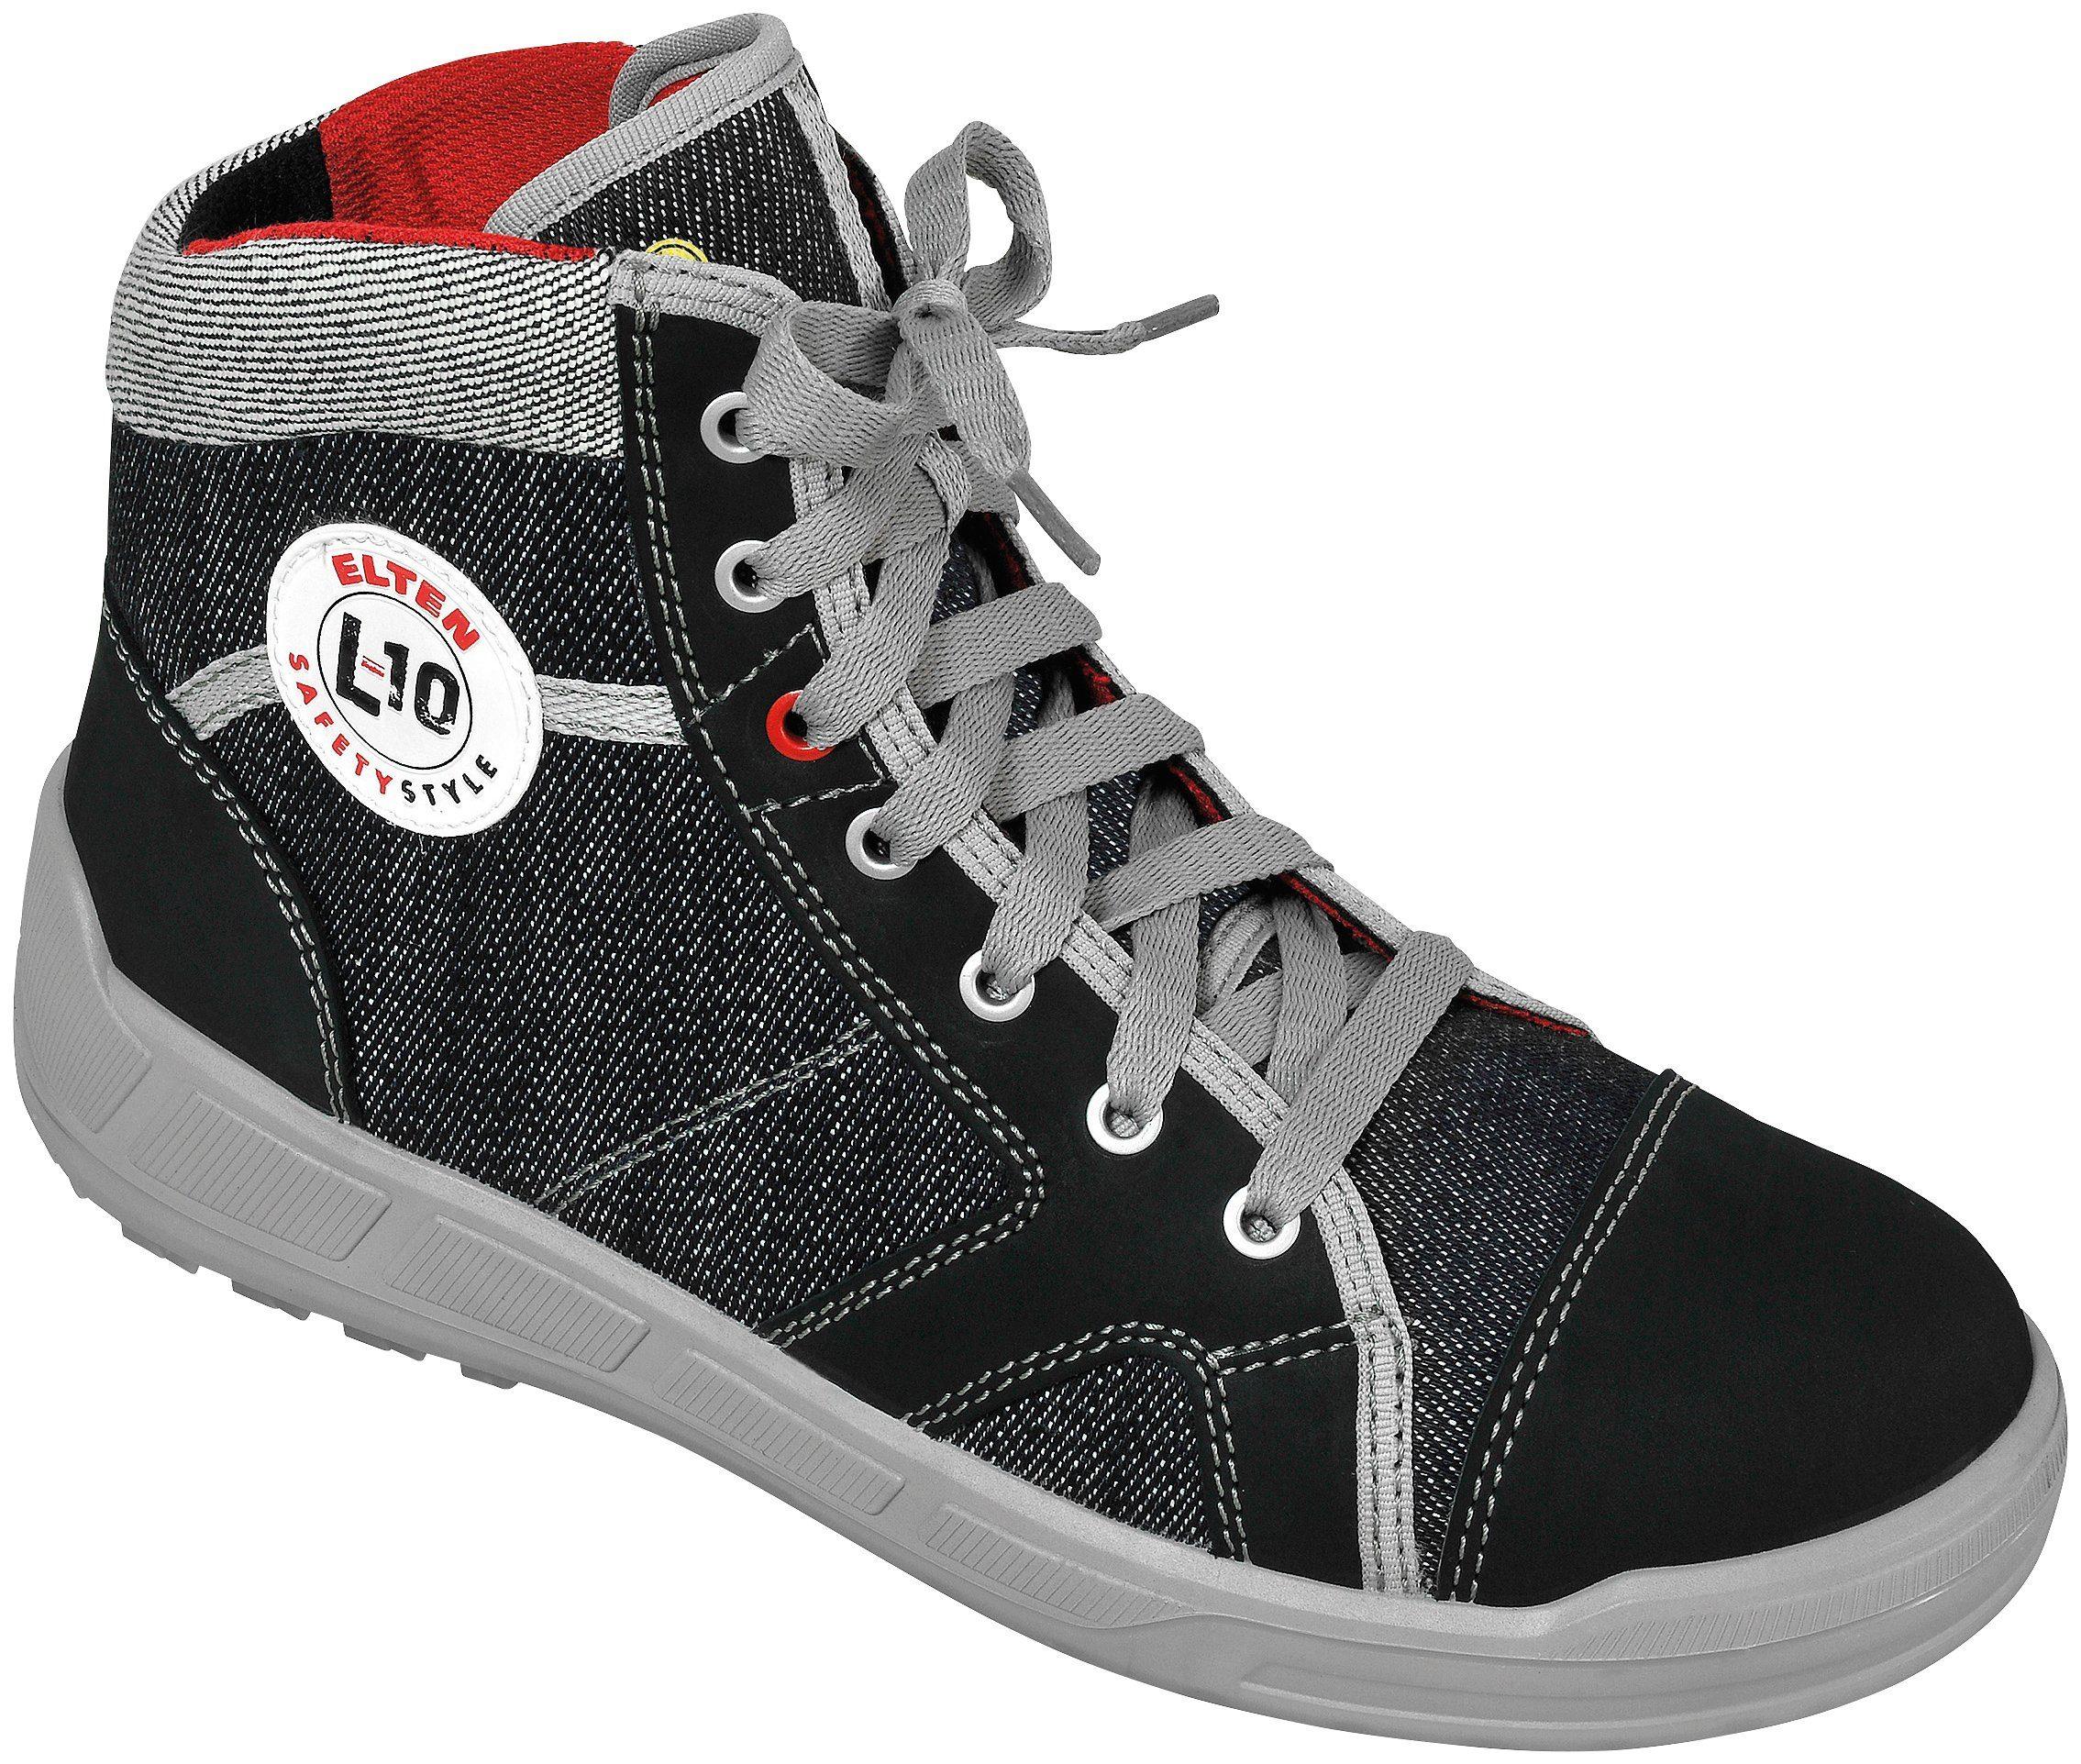 Sicherheitsschuh Sensation Up MId online kaufen  jeansblau#ft5_slash#schwarz